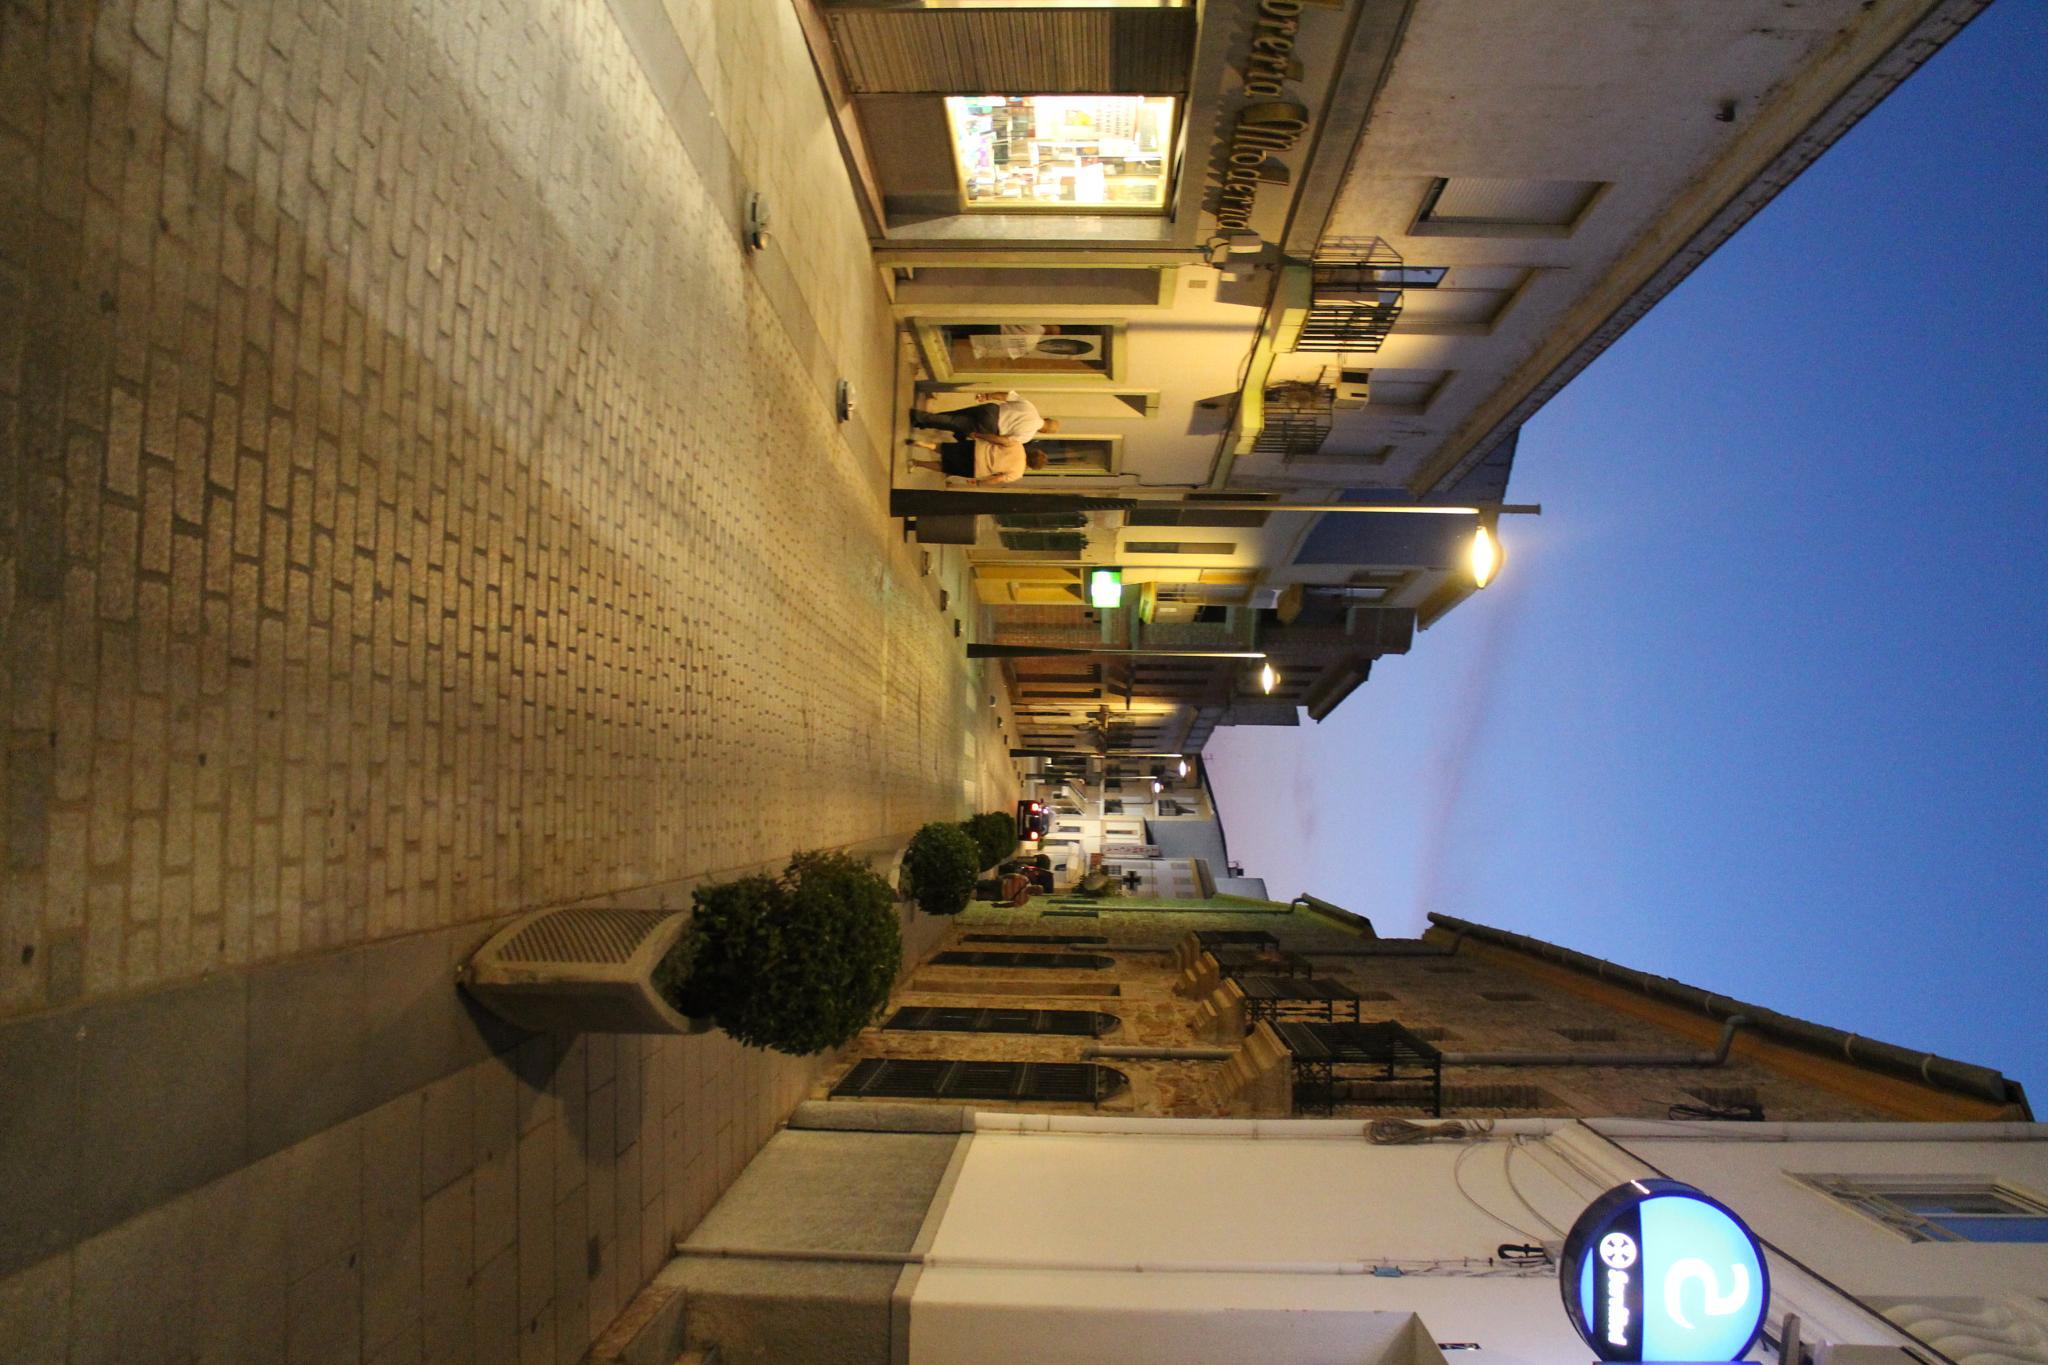 downtown miajadas by miguelsuero56